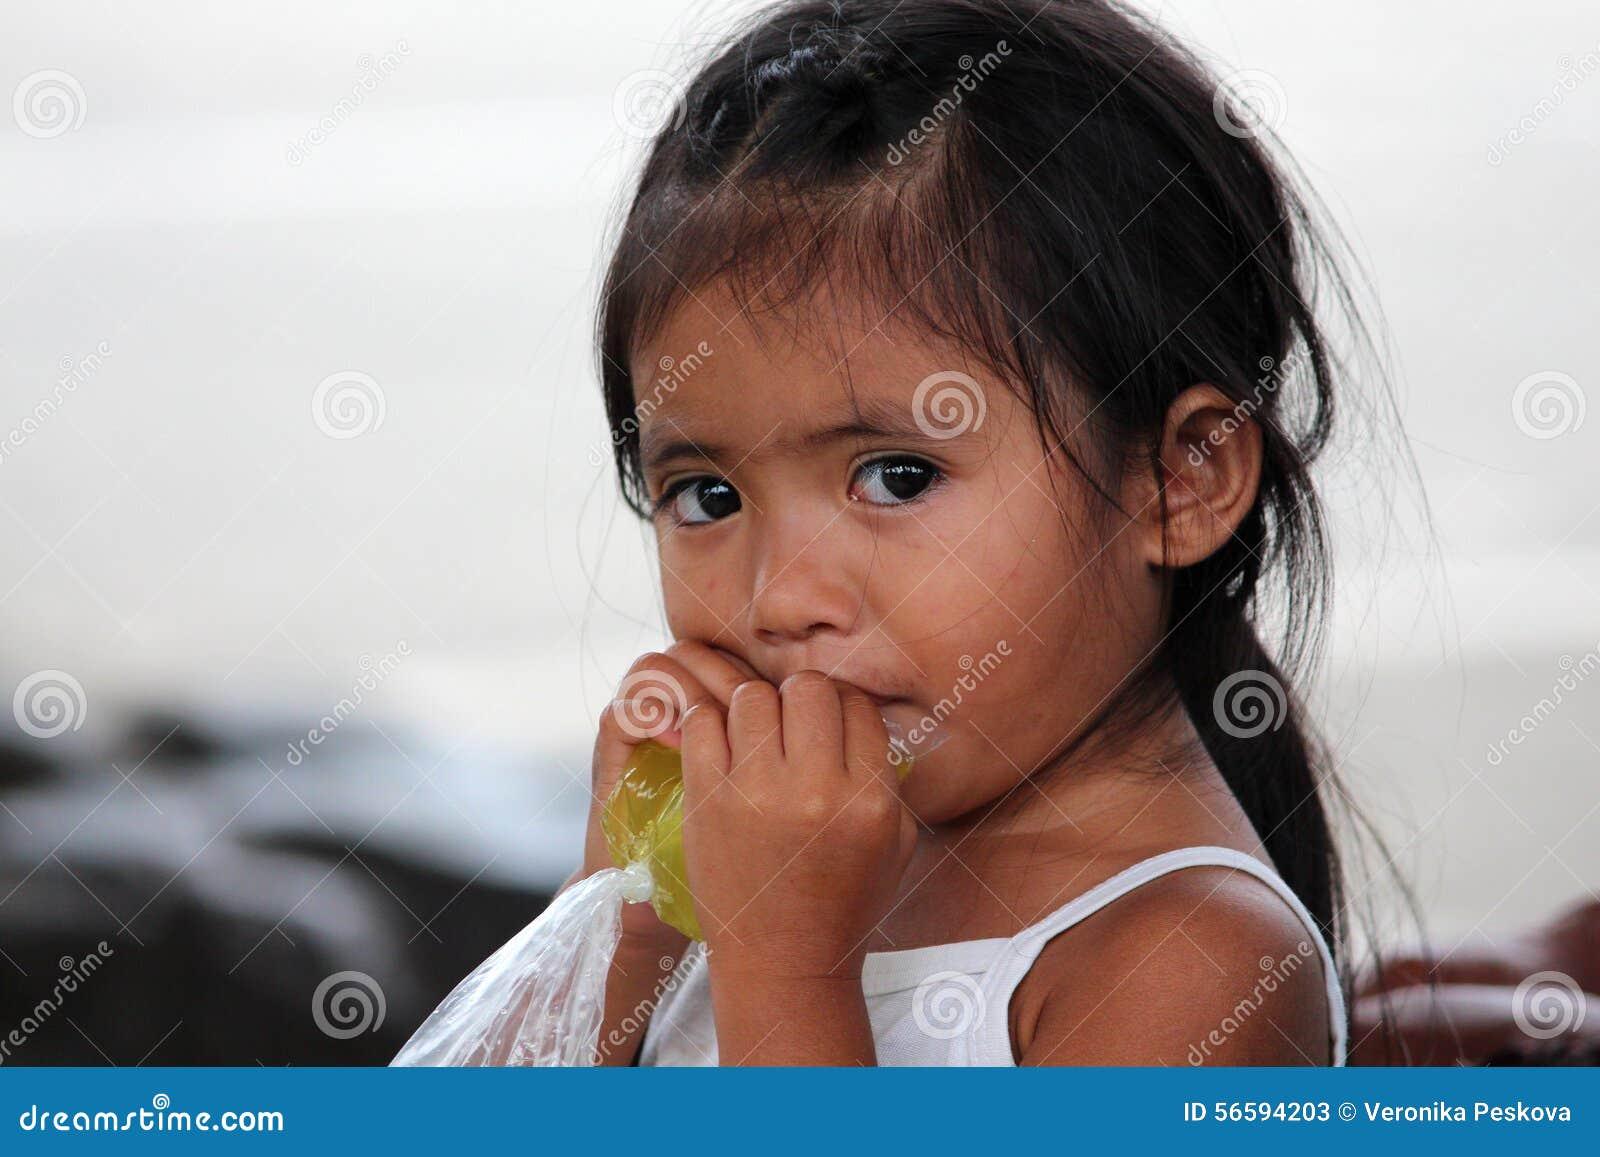 LIMONADE POTABLE PHILIPPINE de PETITE FILLE du SACHET EN PLASTIQUE, Philippines, île de Bohol